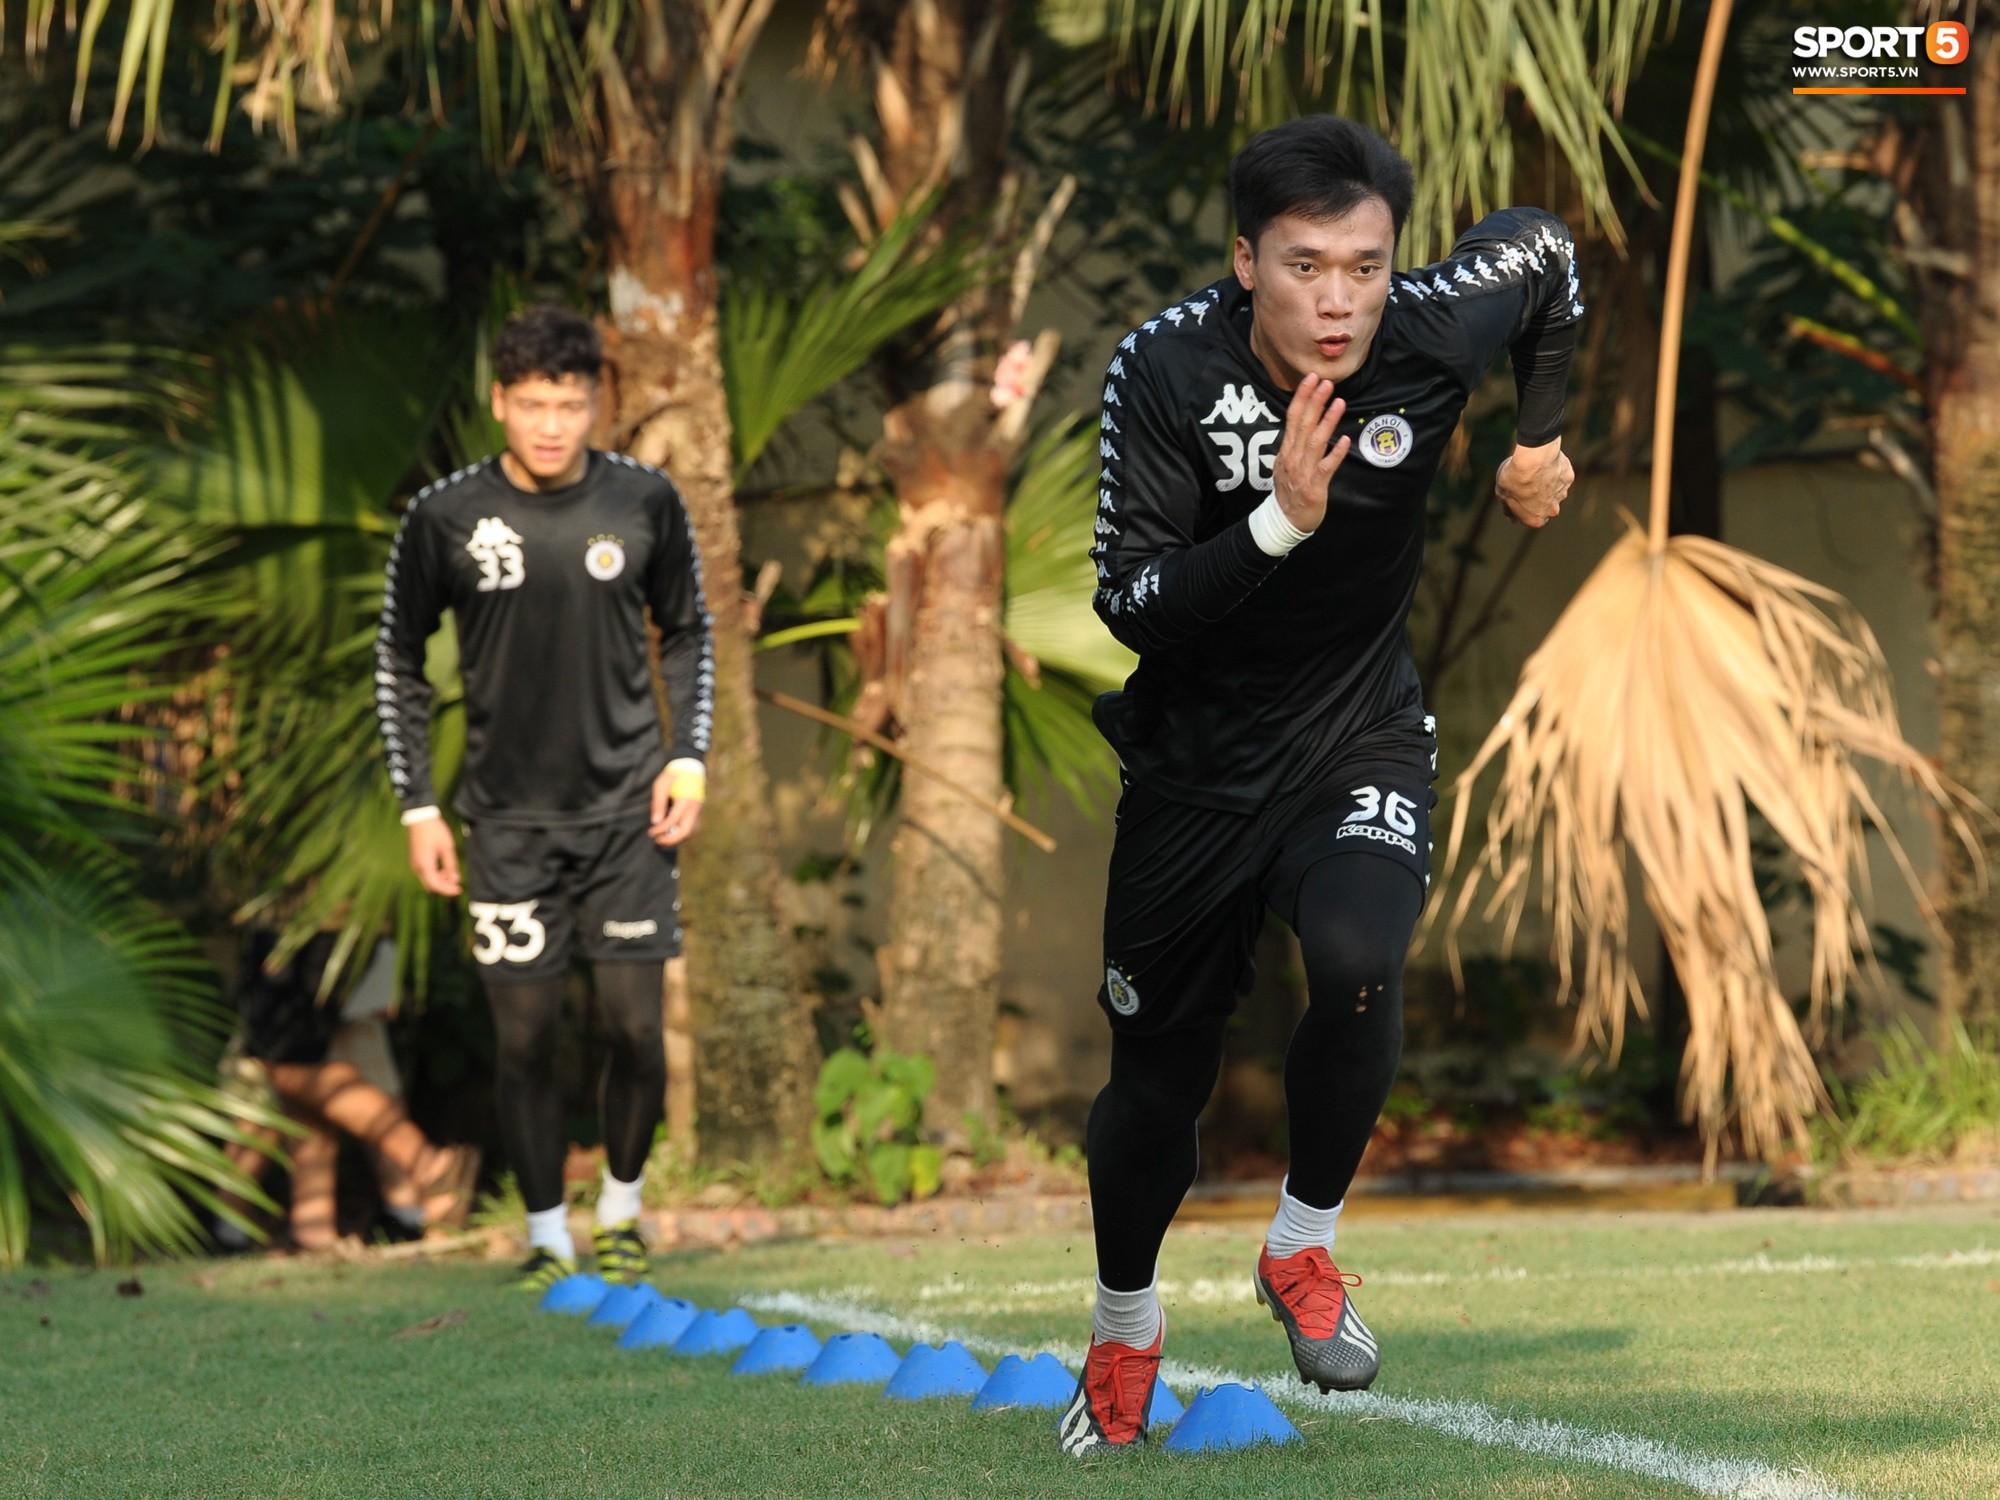 Thủ môn Bùi Tiến Dũng lần đầu tiên bắt chính cho Hà Nội FC, đối đầu với em trai và bạn thân Hà Đức Chinh - Ảnh 2.